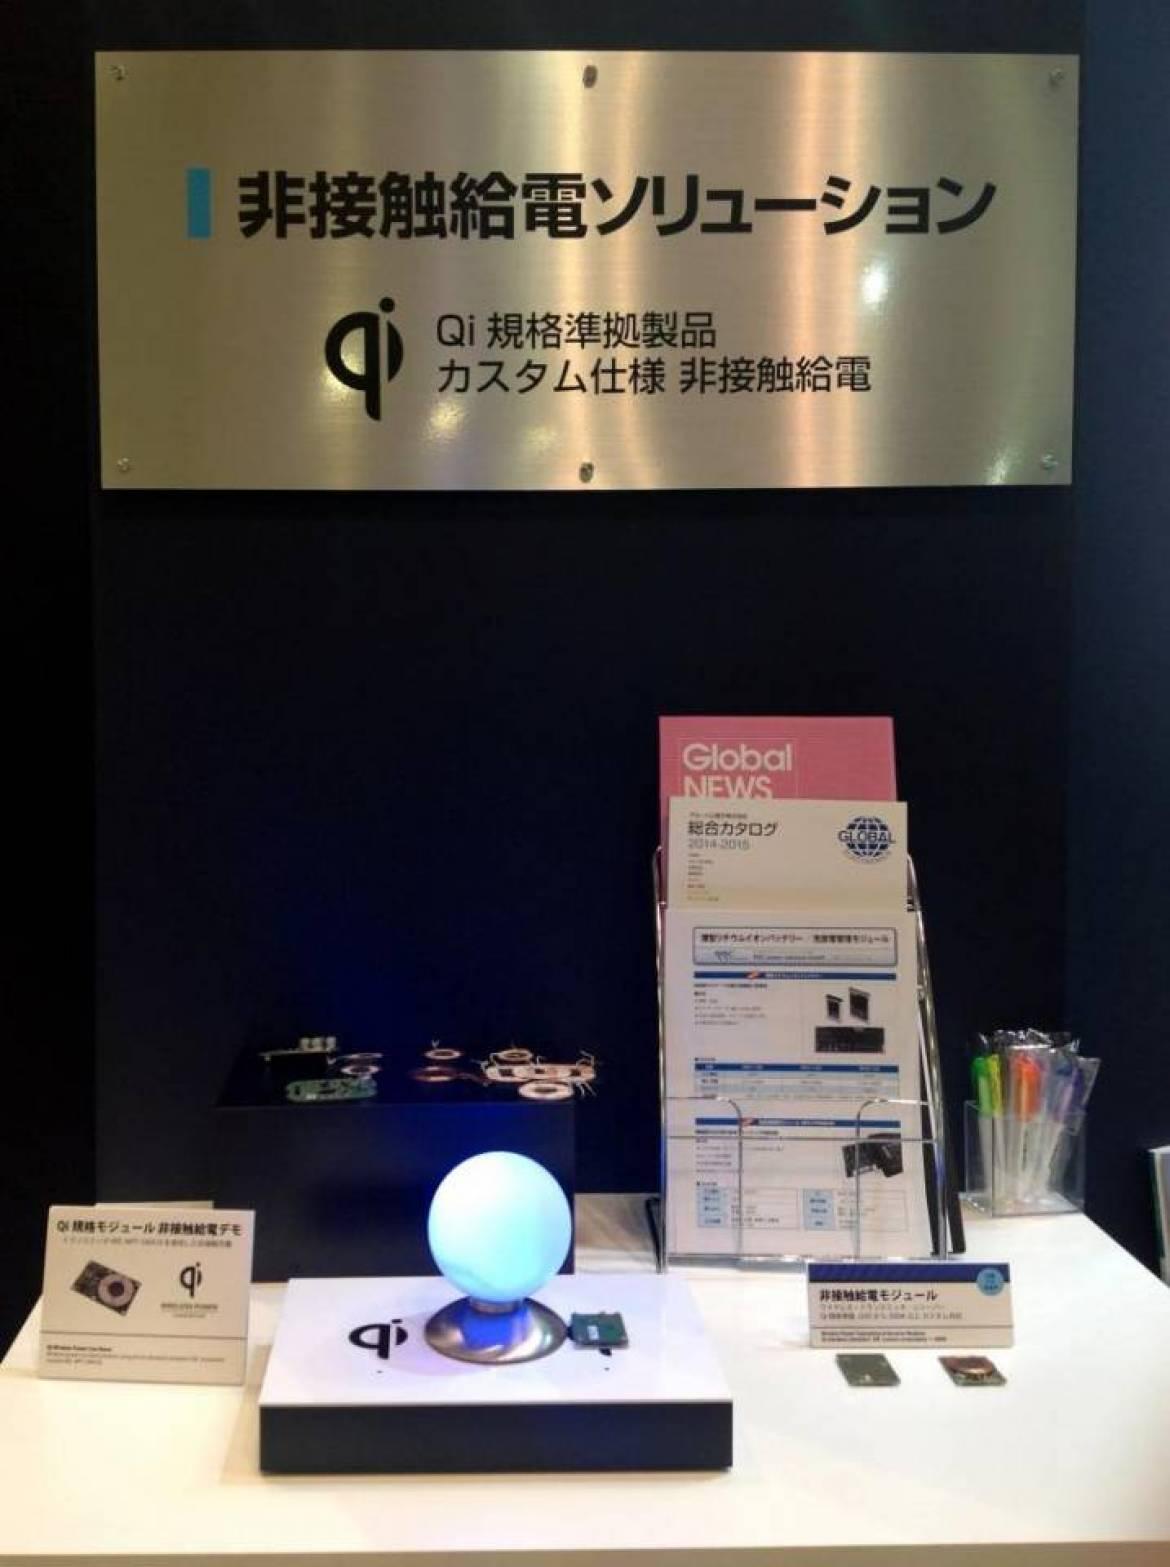 非接触給電製品の展示